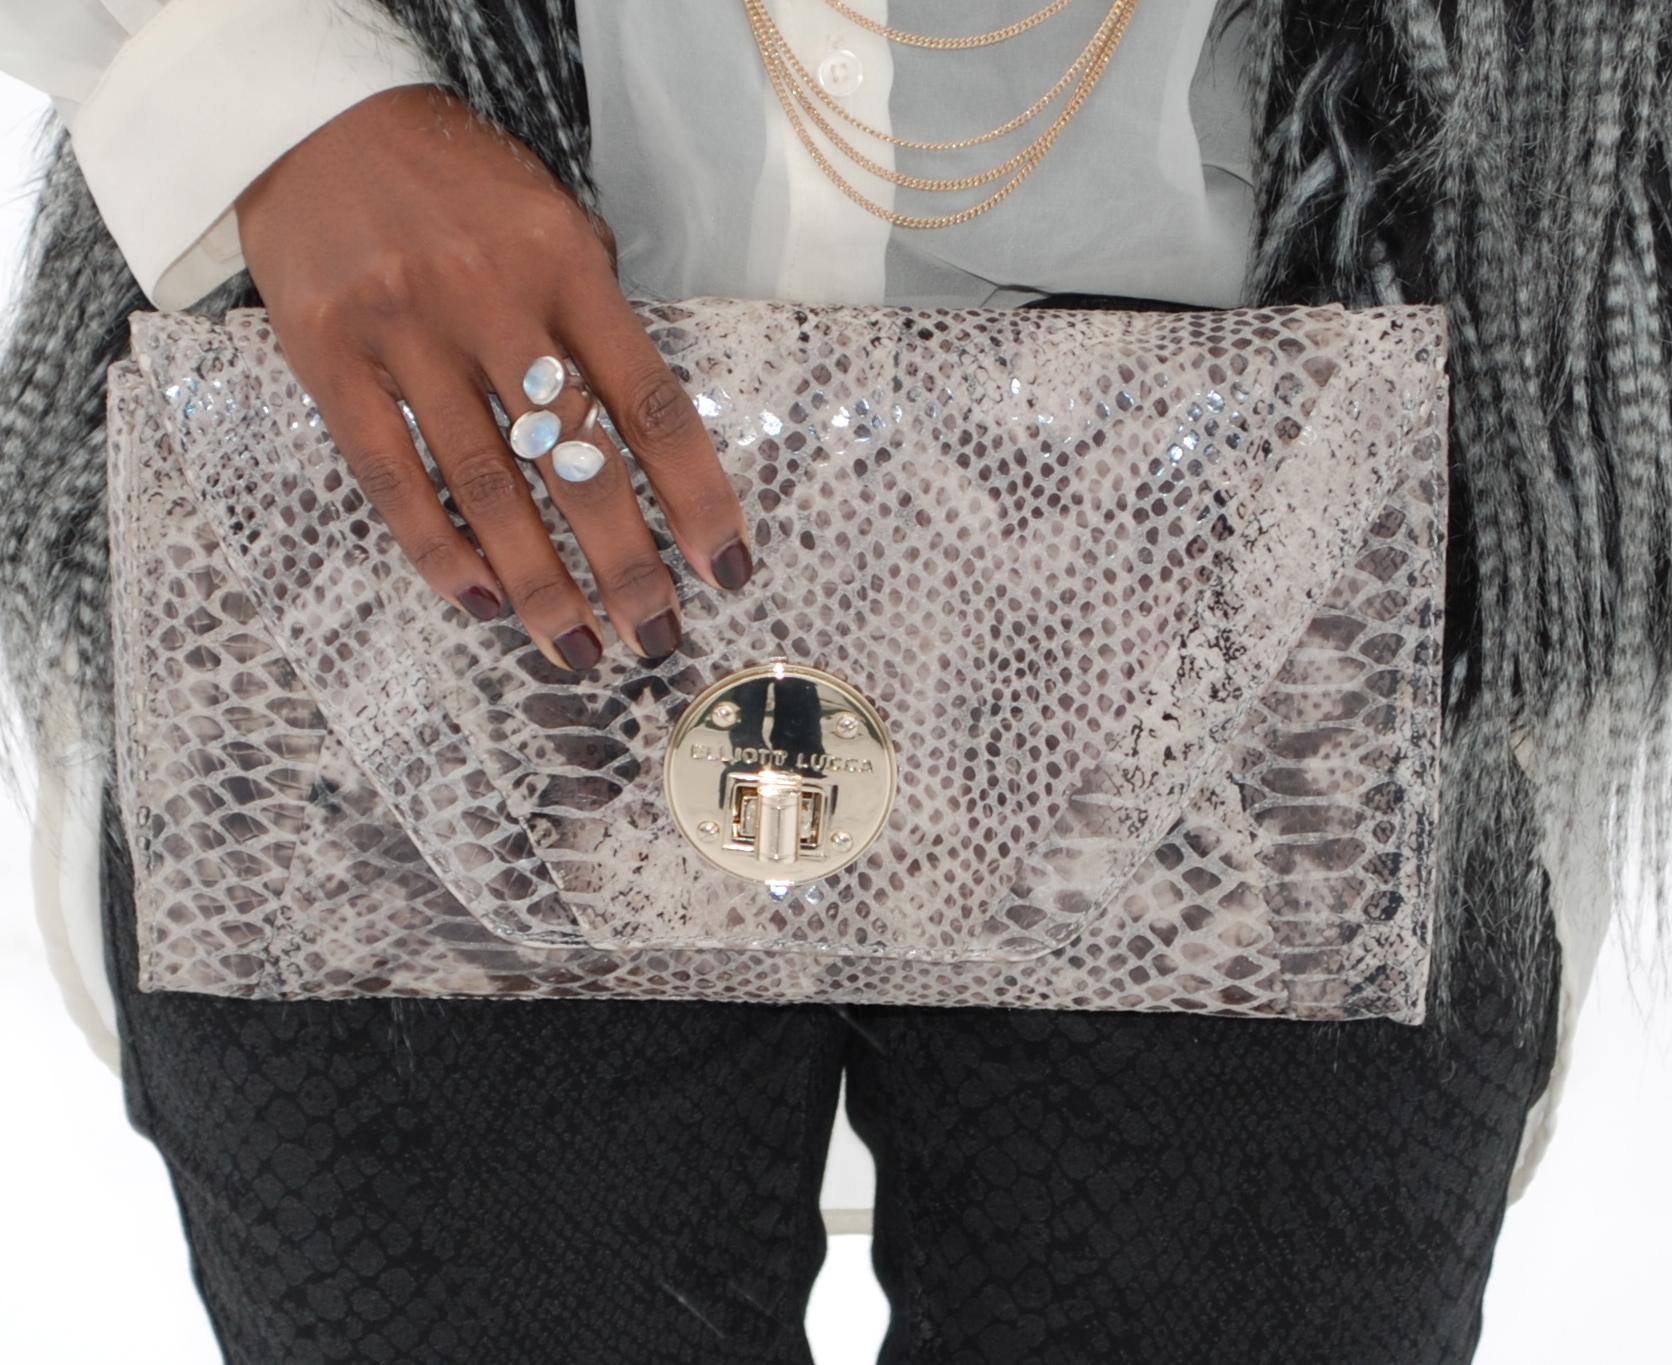 purse shot